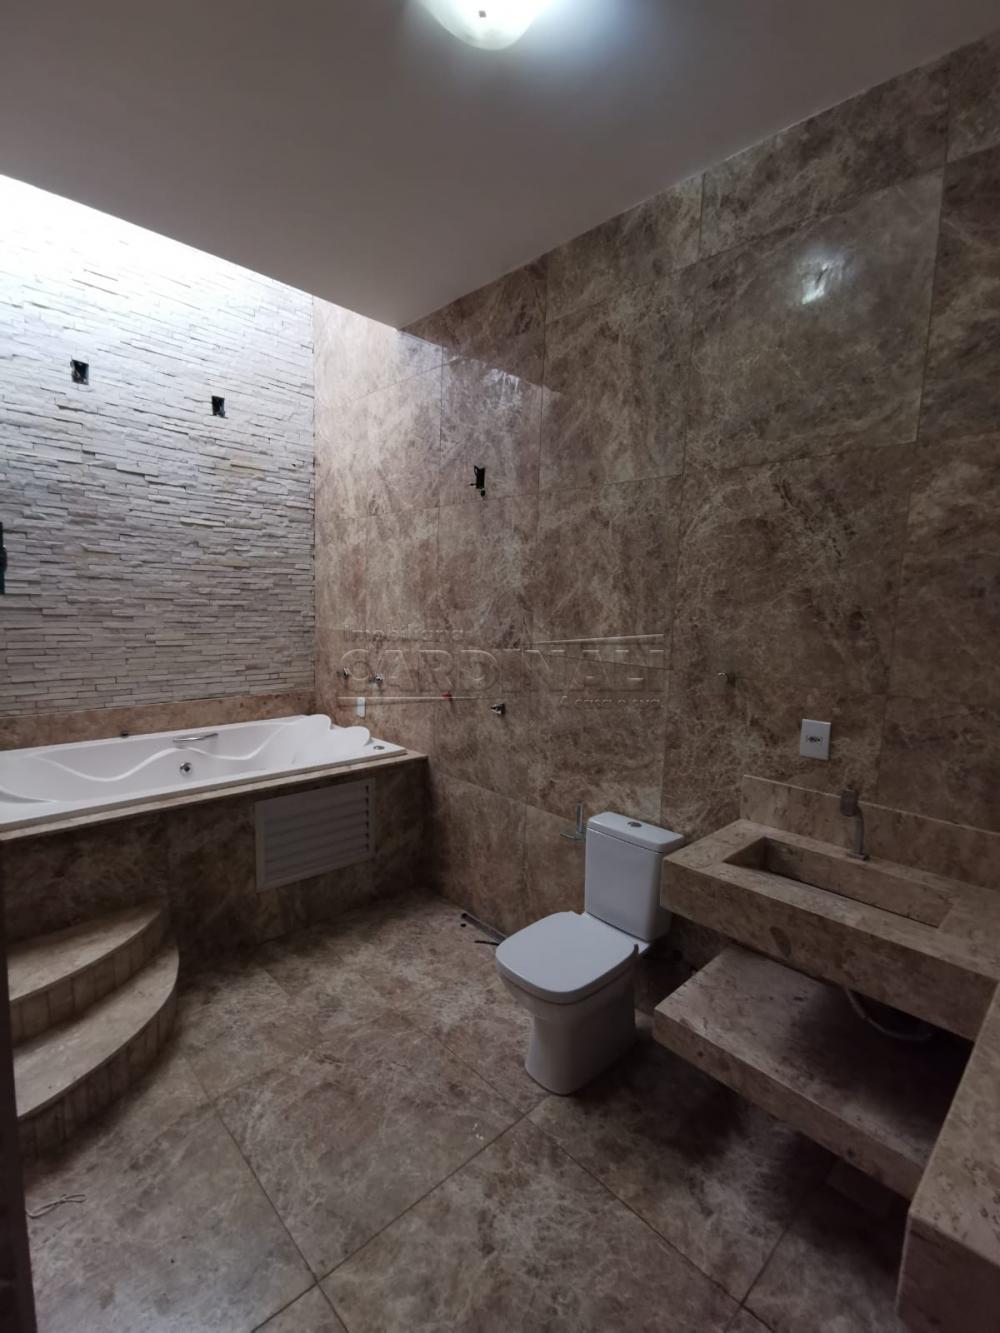 Comprar Casa / Padrão em Araraquara R$ 300.000,00 - Foto 15